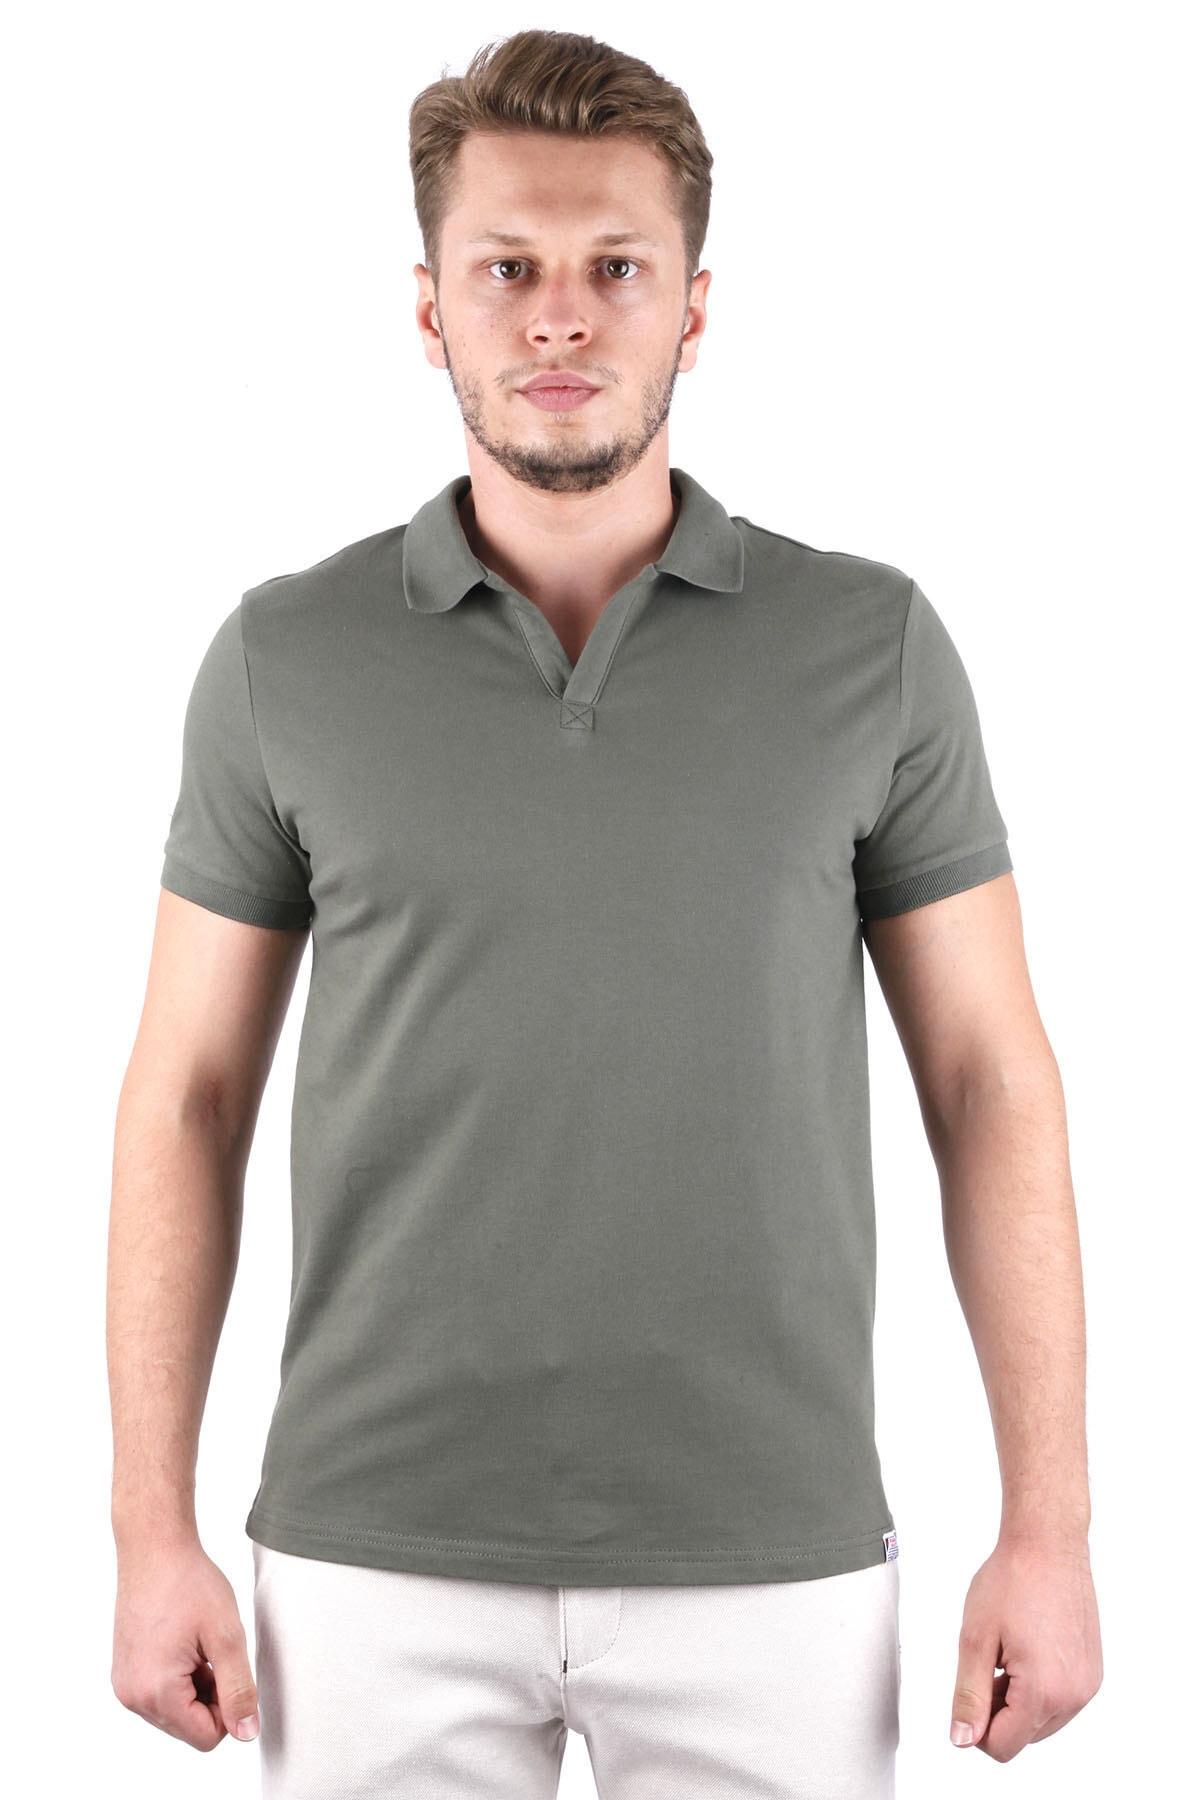 Canelia Erkek Haki Likralı Pike Haki Renk Slimfit T-shirt 1